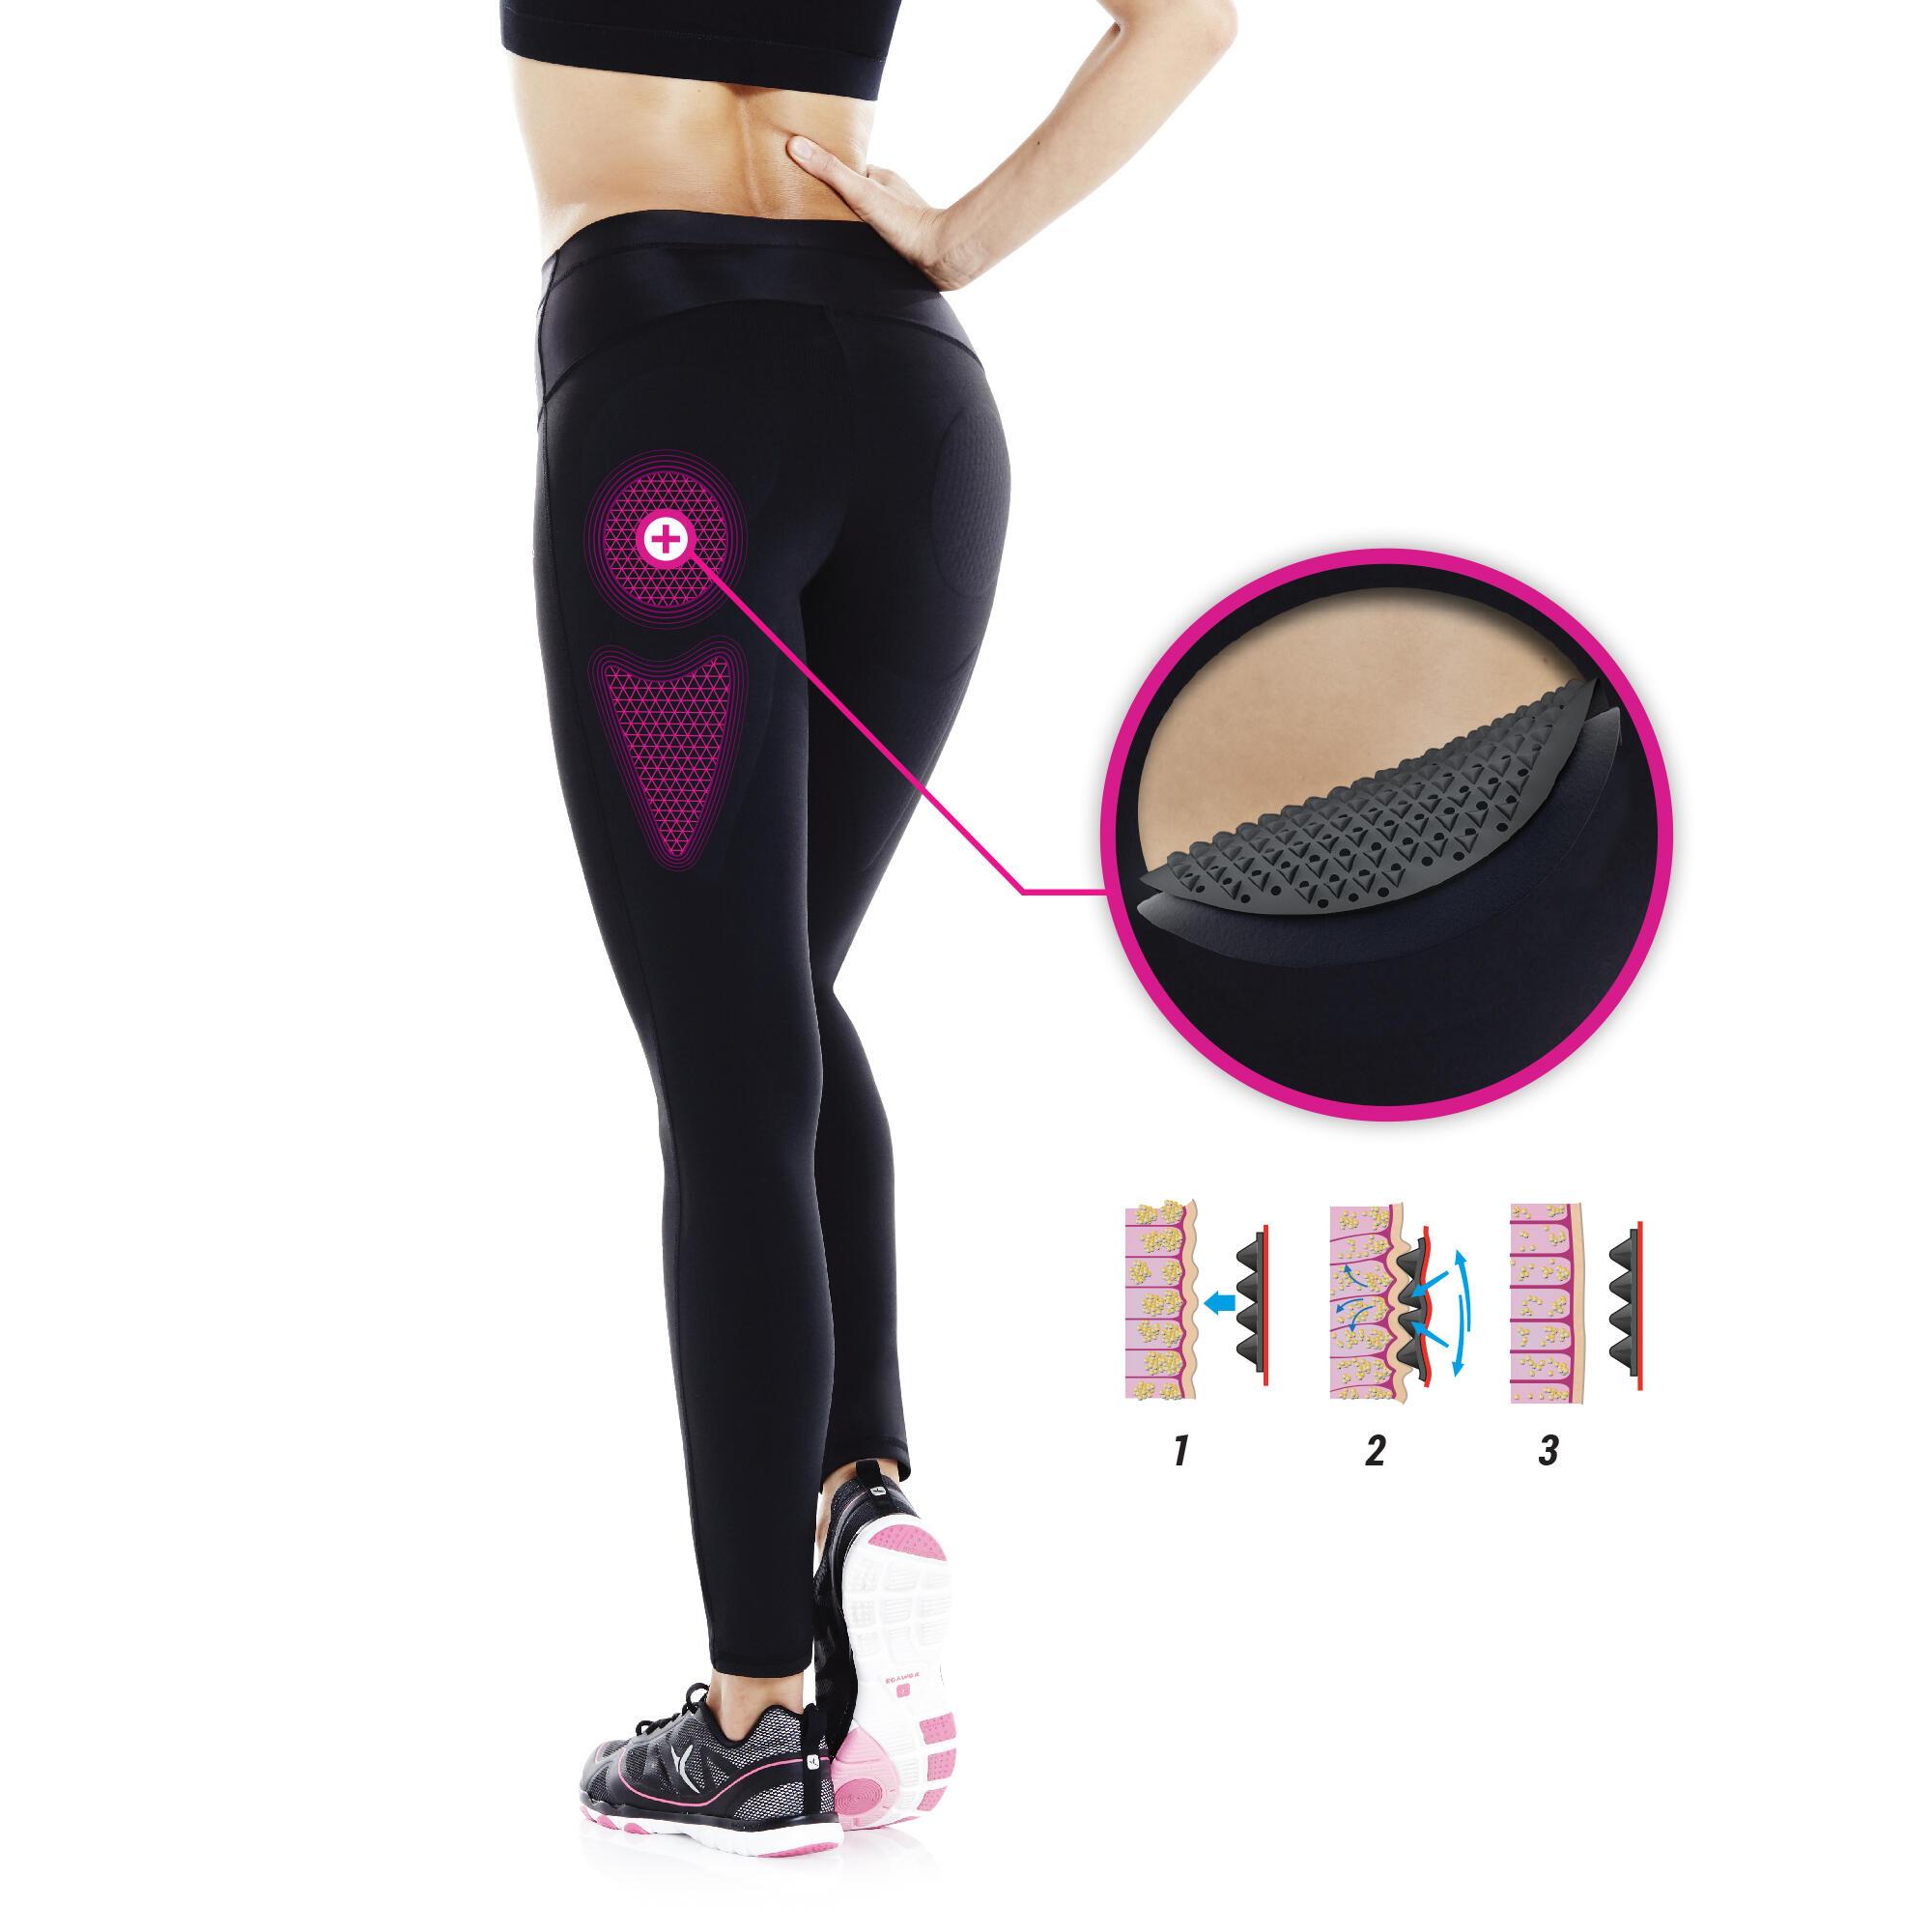 976fa4fccb Mallas Leggings deportivos reducción celulitis Cardio Fitness Domyos mujer  negro Domyos